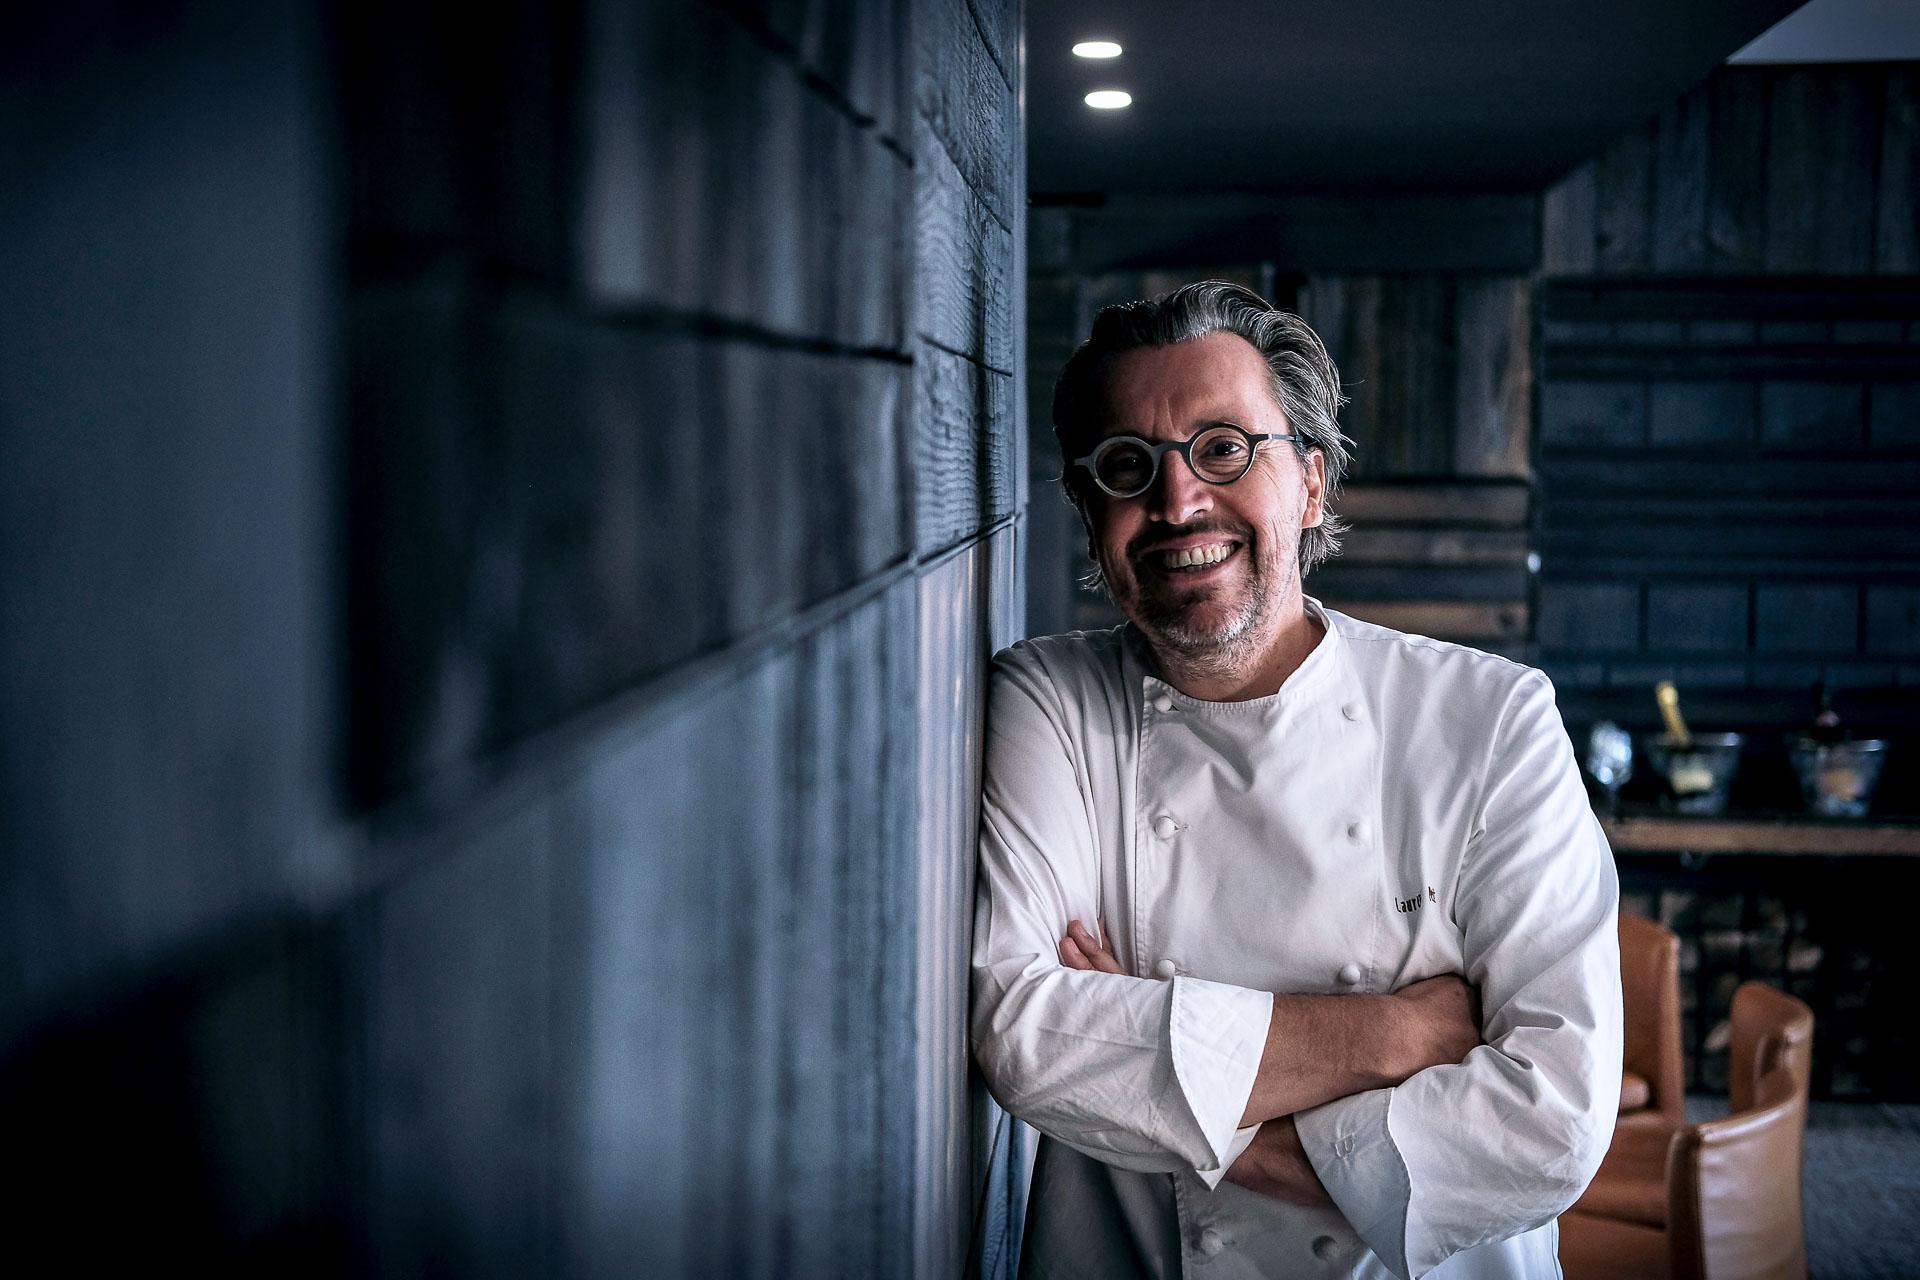 Laurent Petit est l'un des deux seuls chefs à avoir été récompensé d'une troisième étoile par le Guide Michelin le 21 janvier dernier. Nous avons rencontré ce chef engagé, auteur d'une « cuisine de territoire » centrée sur les produits lacustres et le végétal. Présentation du grand cuisinier et extraits choisis d'un entretien exceptionnel.